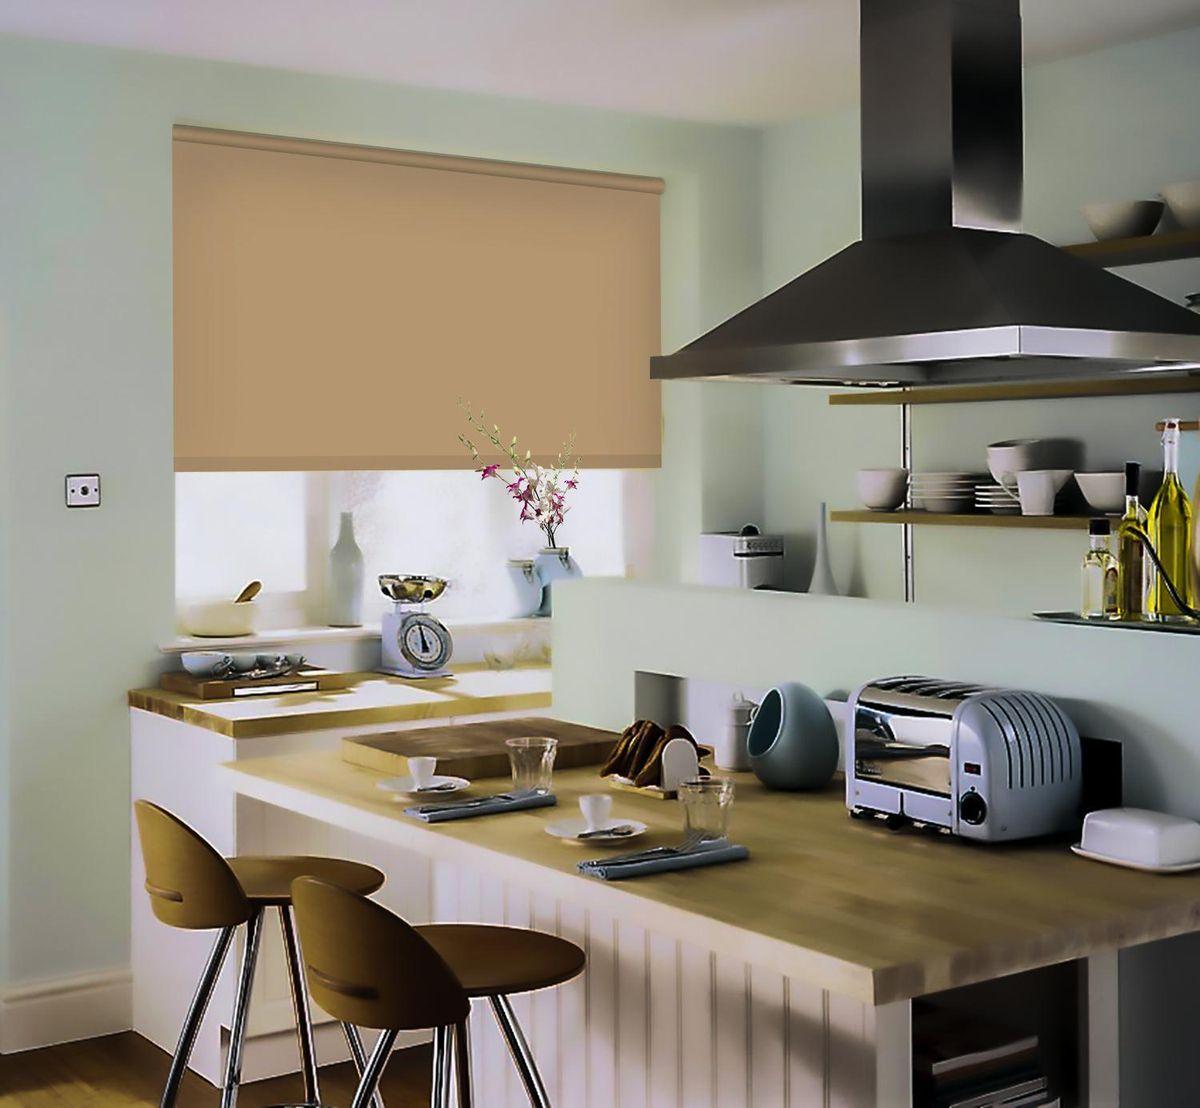 Штора рулонная Эскар, цвет: темно-бежевый, ширина 120 см, высота 170 см81209120170Рулонными шторами можно оформлять окна как самостоятельно, так и использовать в комбинации с портьерами. Это поможет предотвратить выгорание дорогой ткани на солнце и соединит функционал рулонных с красотой навесных. Преимущества применения рулонных штор для пластиковых окон: - имеют прекрасный внешний вид: многообразие и фактурность материала изделия отлично смотрятся в любом интерьере; - многофункциональны: есть возможность подобрать шторы способные эффективно защитить комнату от солнца, при этом она не будет слишком темной. - Есть возможность осуществить быстрый монтаж. ВНИМАНИЕ! Размеры ширины изделия указаны по ширине ткани! Во время эксплуатации не рекомендуется полностью разматывать рулон, чтобы не оторвать ткань от намоточного вала. В случае загрязнения поверхности ткани, чистку шторы проводят одним из способов, в зависимости от типа загрязнения: легкое поверхностное загрязнение можно удалить при помощи канцелярского ластика; чистка от пыли производится сухим методом при...